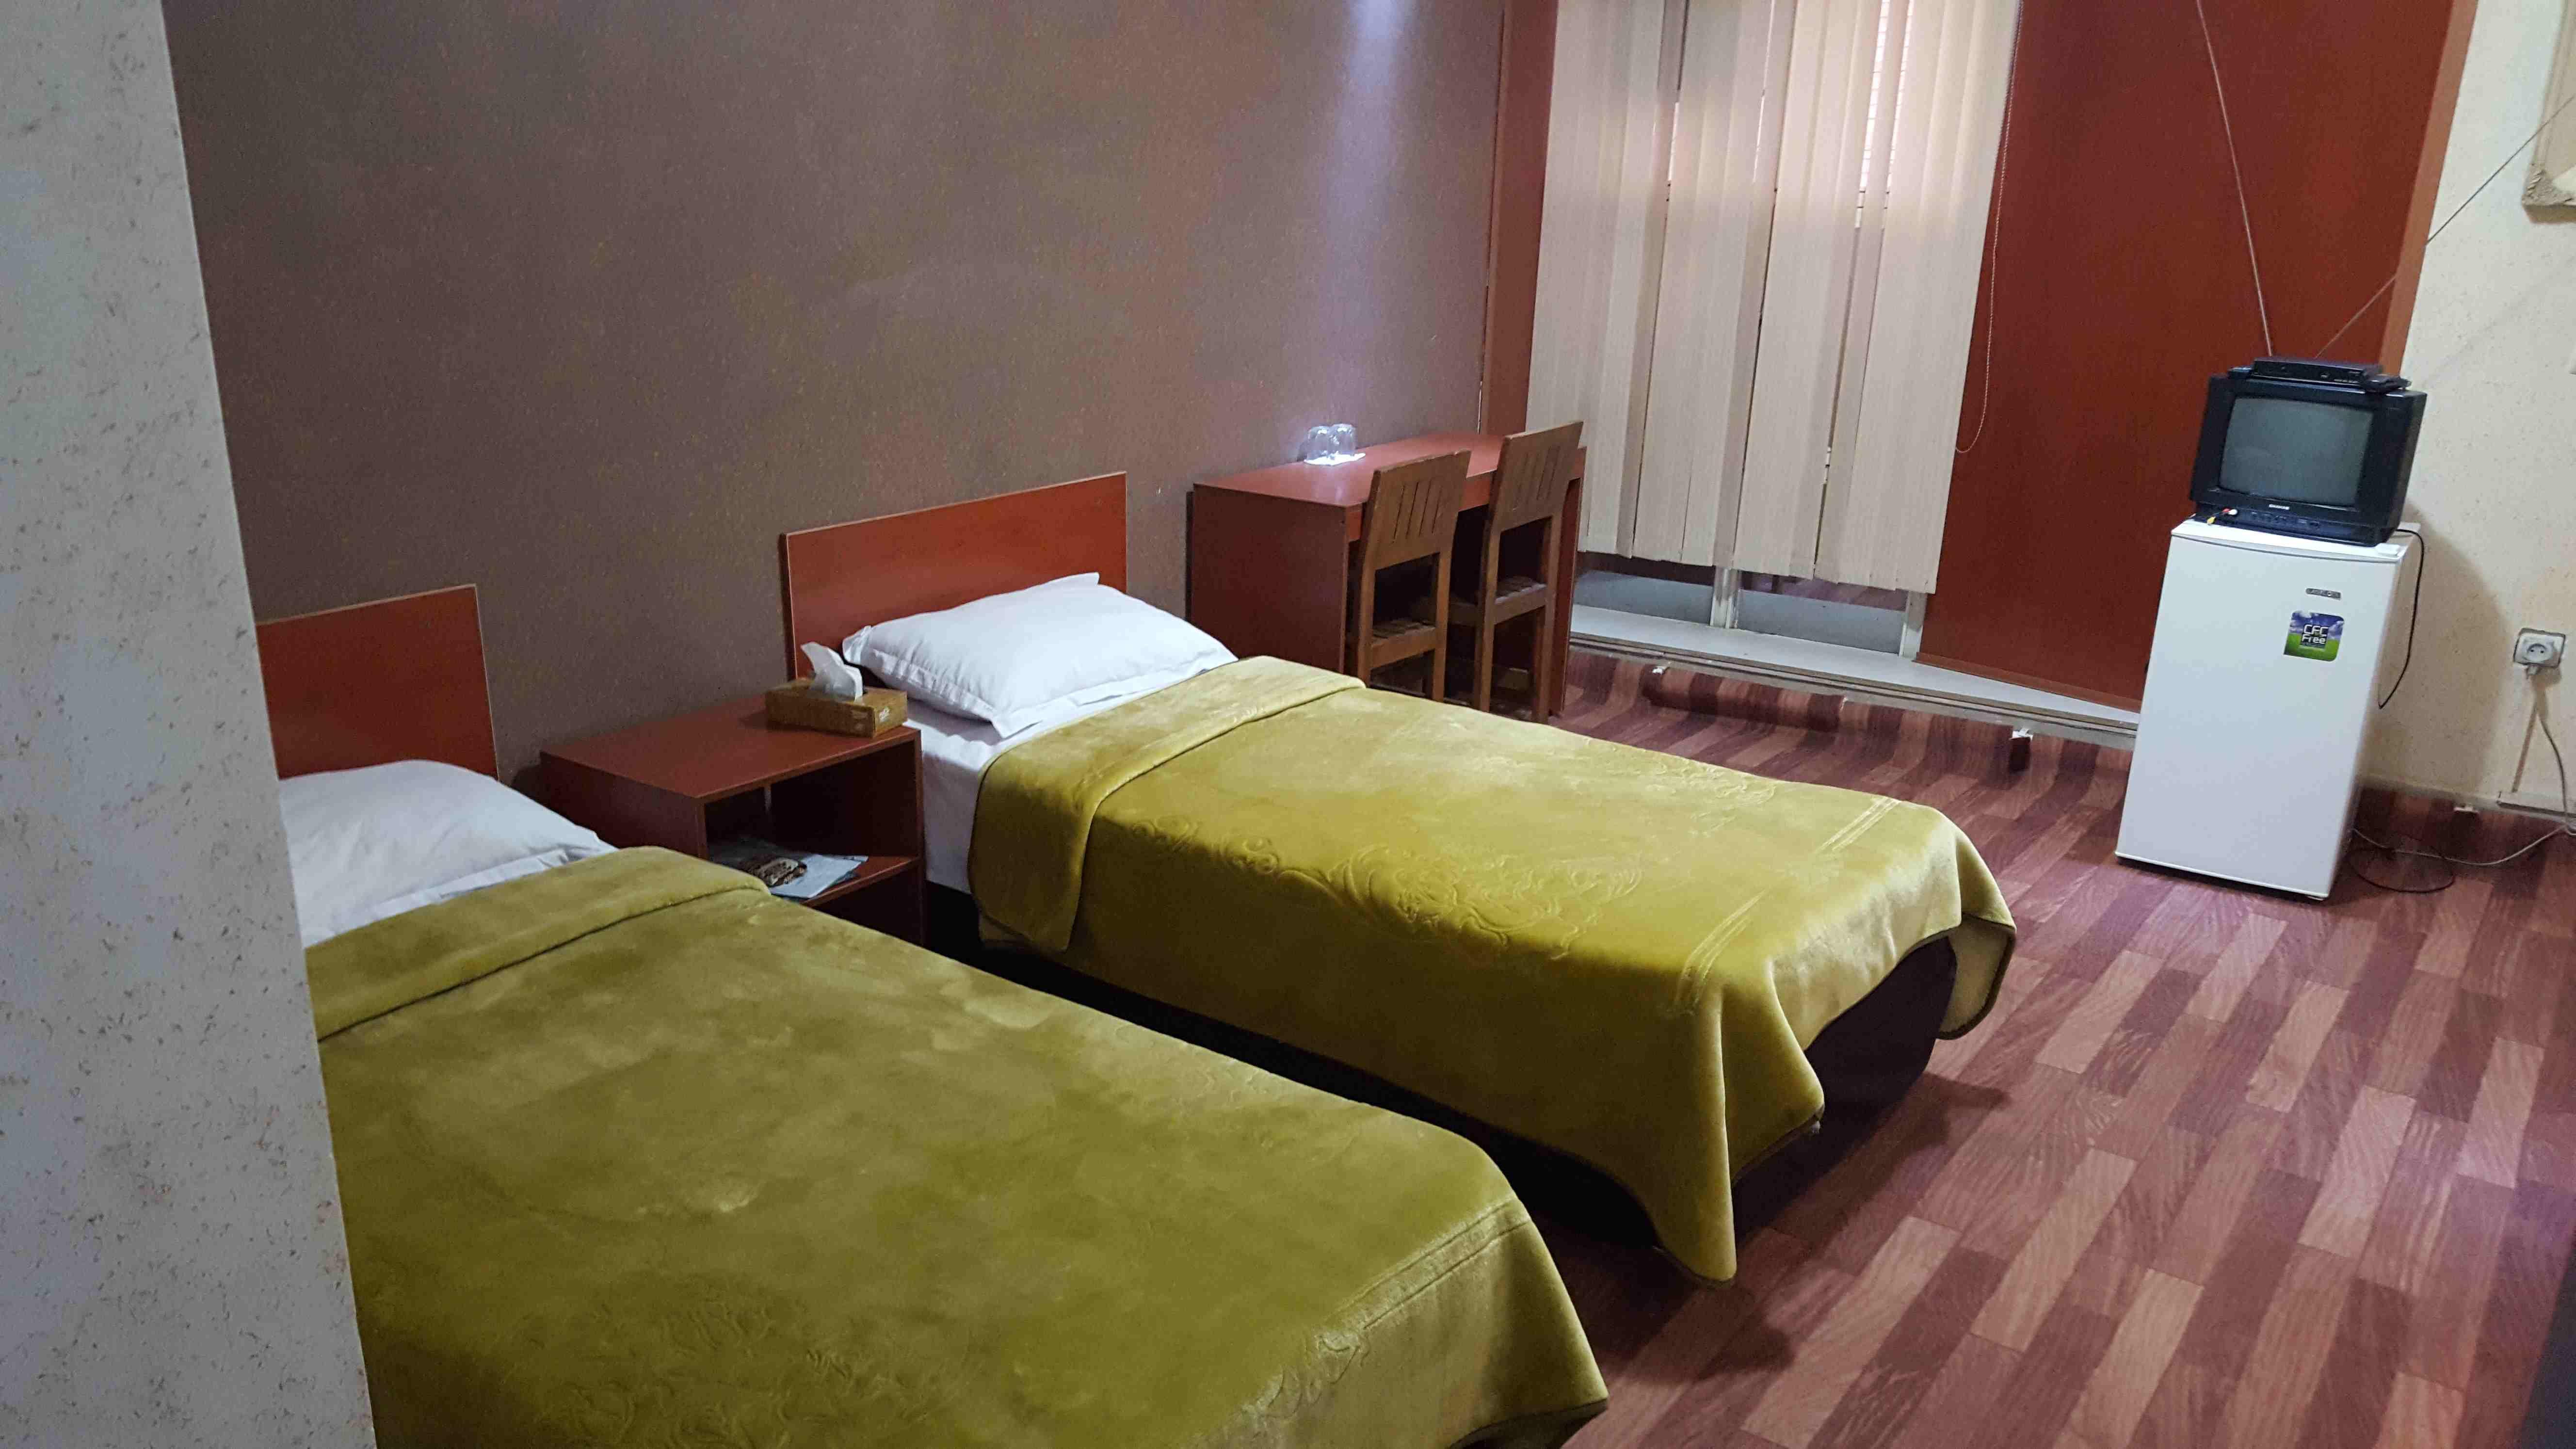 شهری هتل دو تخته چمران مشگین شهر - 2